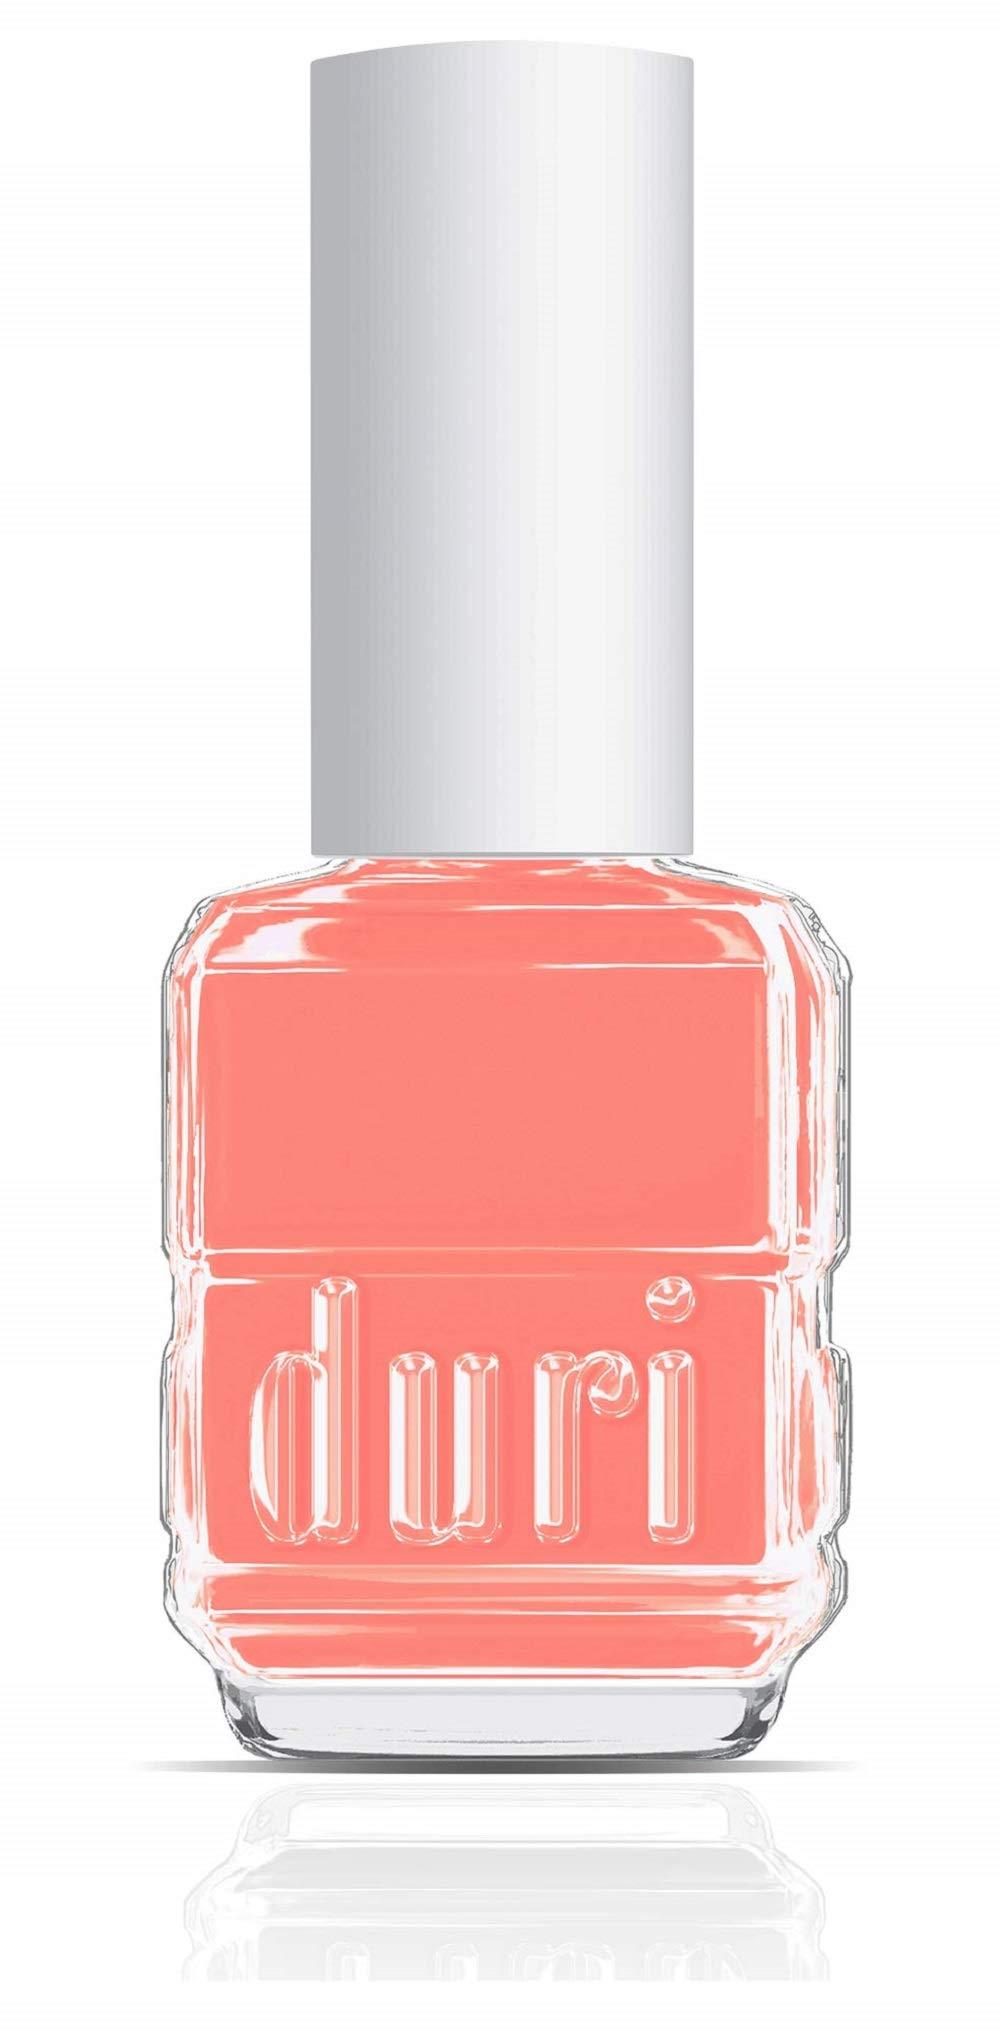 duri Nail Polish, 599, Call Me Maybe, Pastel Coral Shade Of Polish, 0.5 fl.oz. 15 ml.